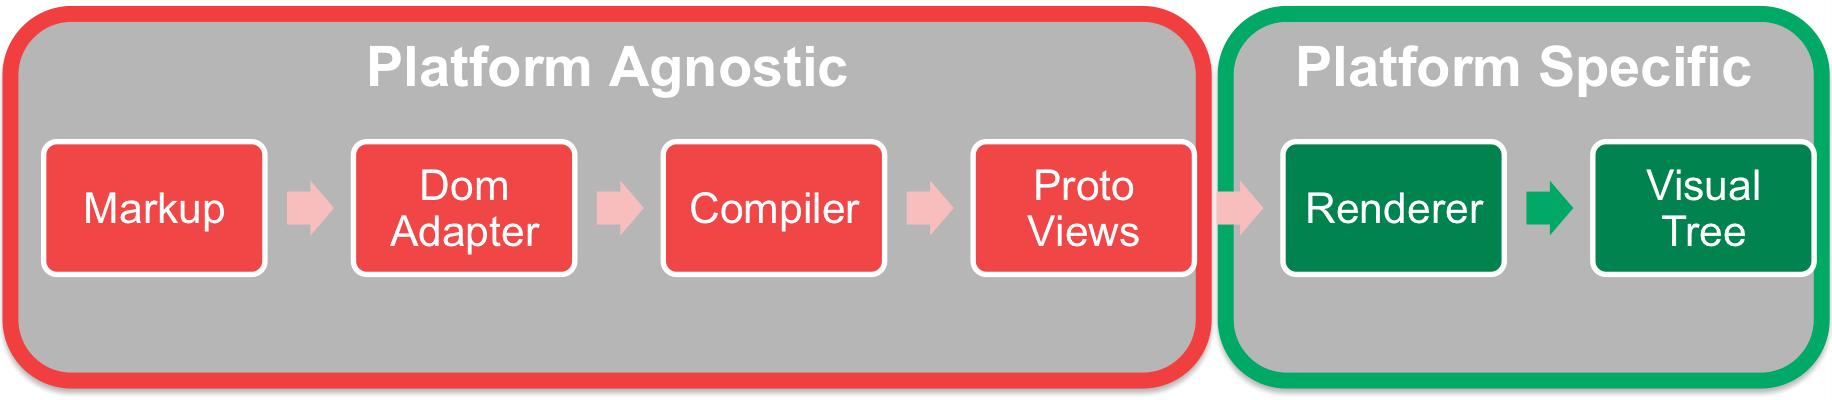 Angular2 Platform Agnostic